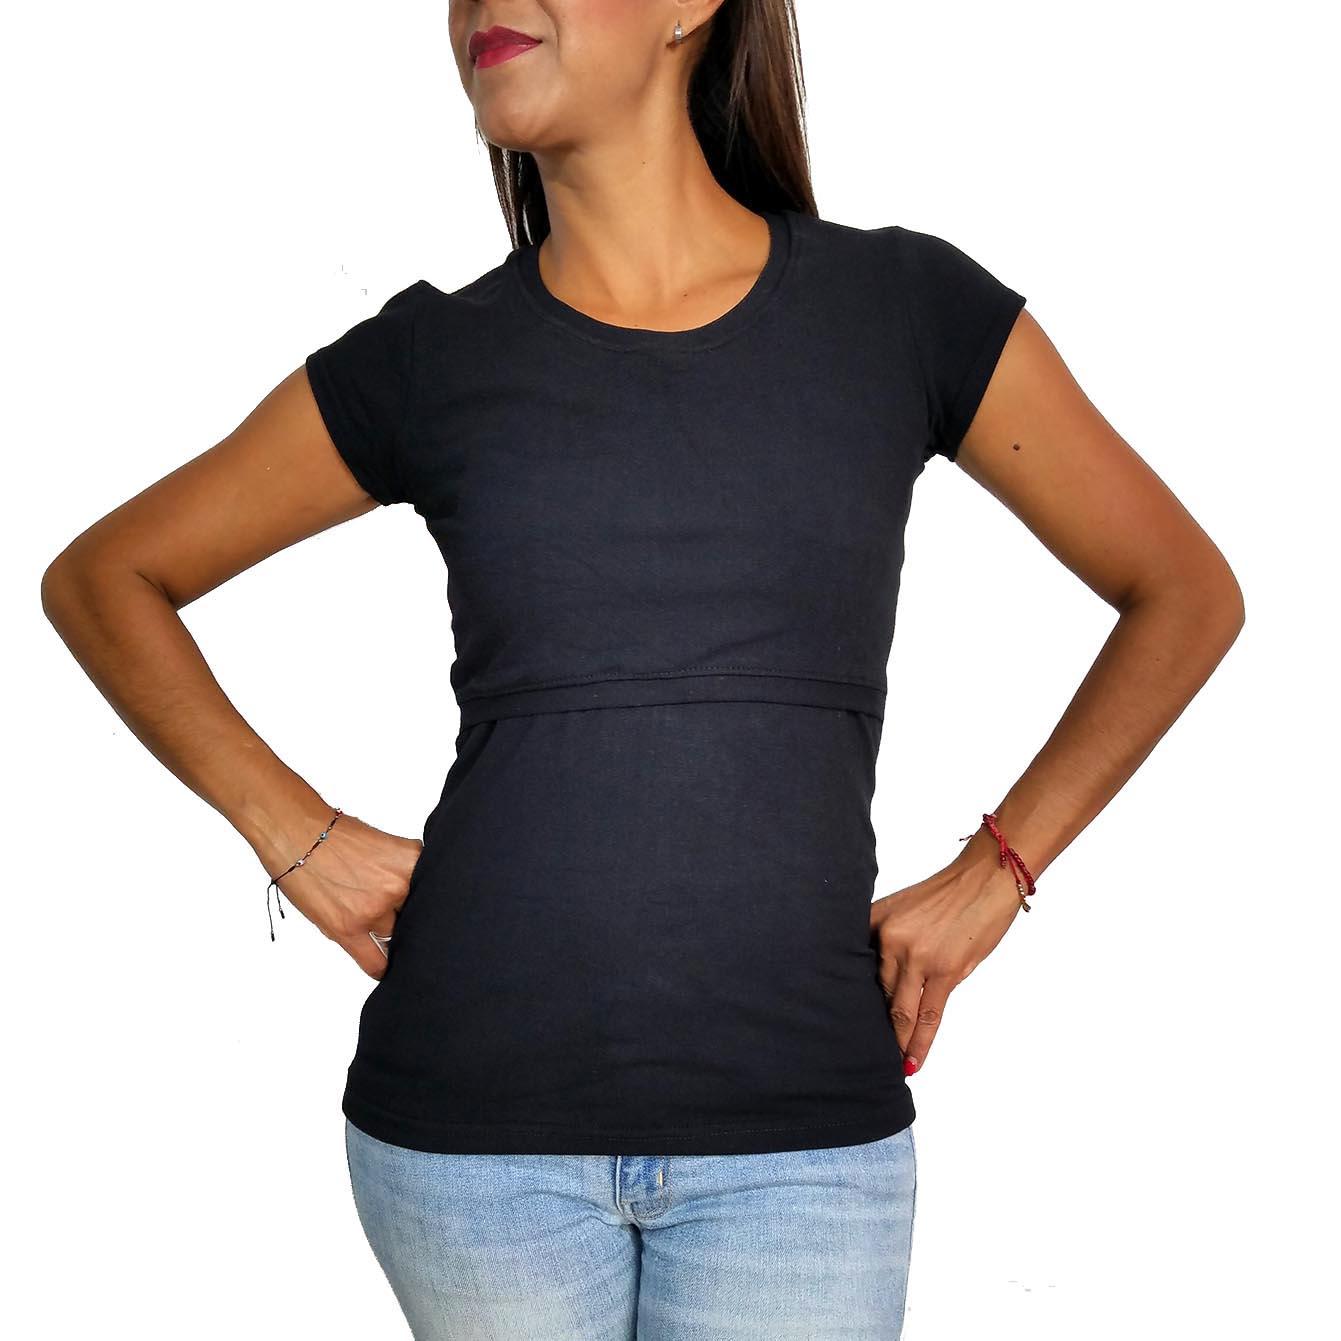 e9deb5078 Blusa de Lactancia Básica Negra - La tiendita de Conita